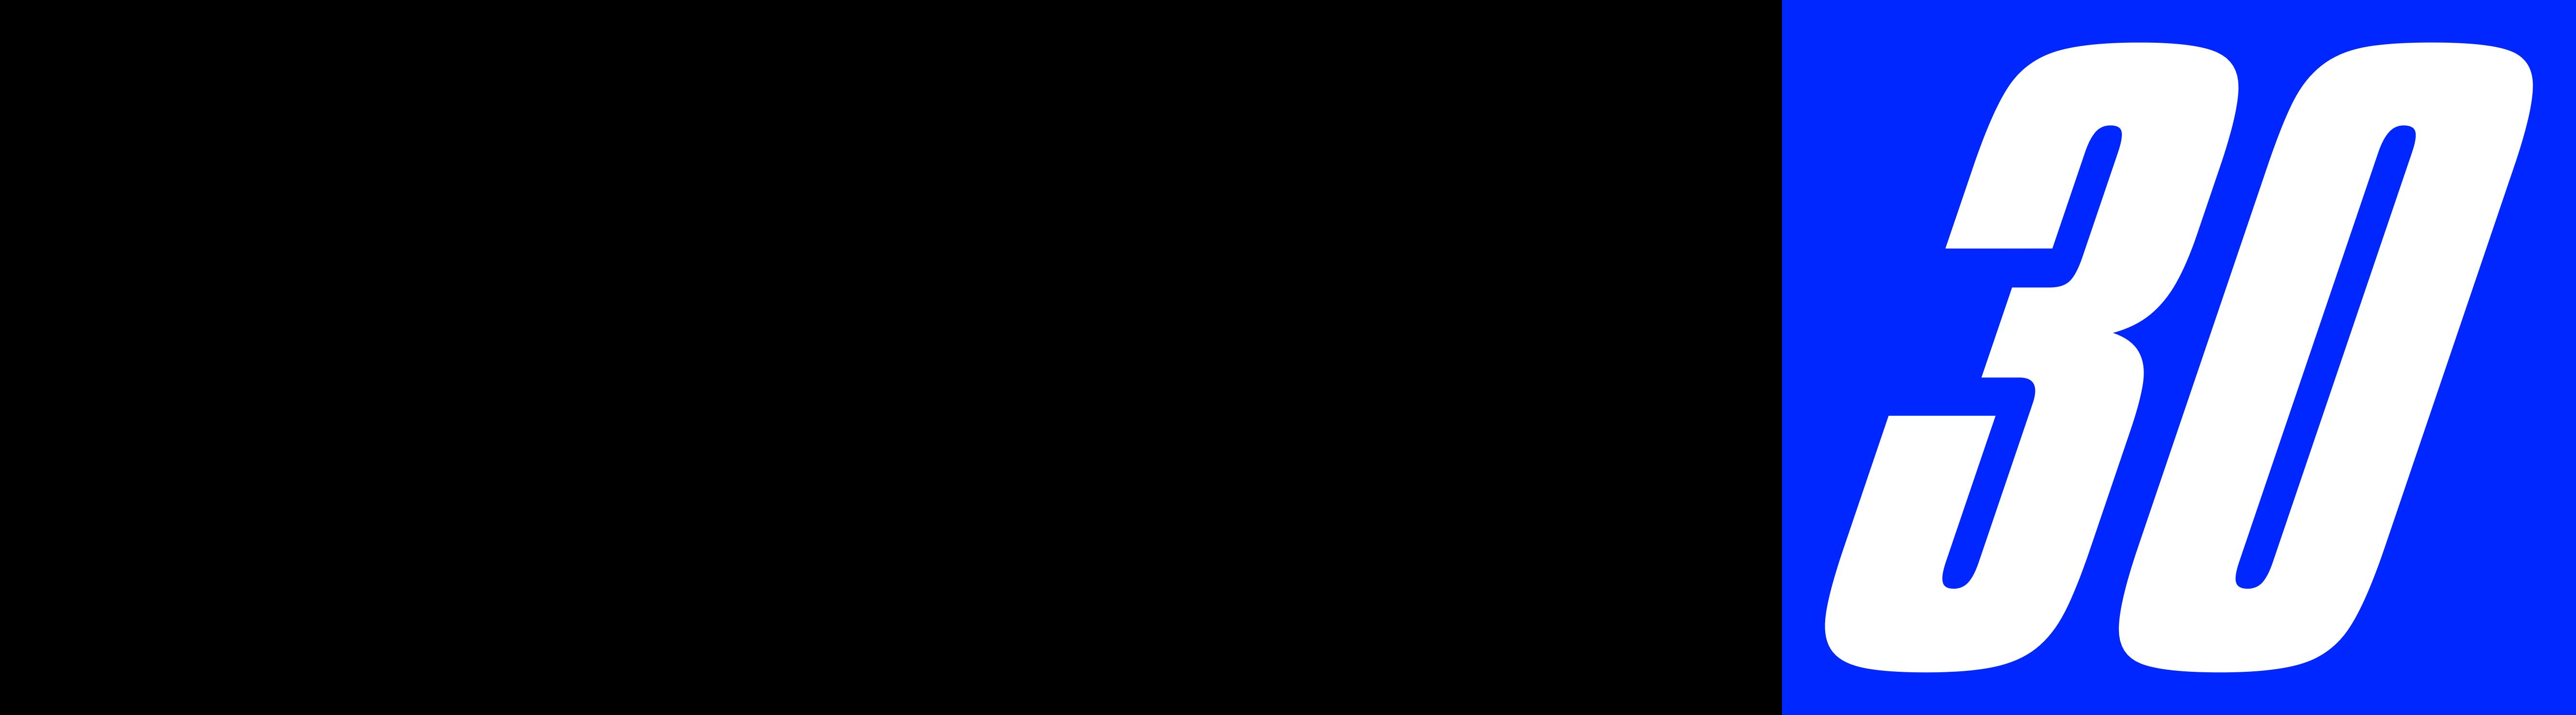 AlternateHistory.com's KFSN logo #1.png